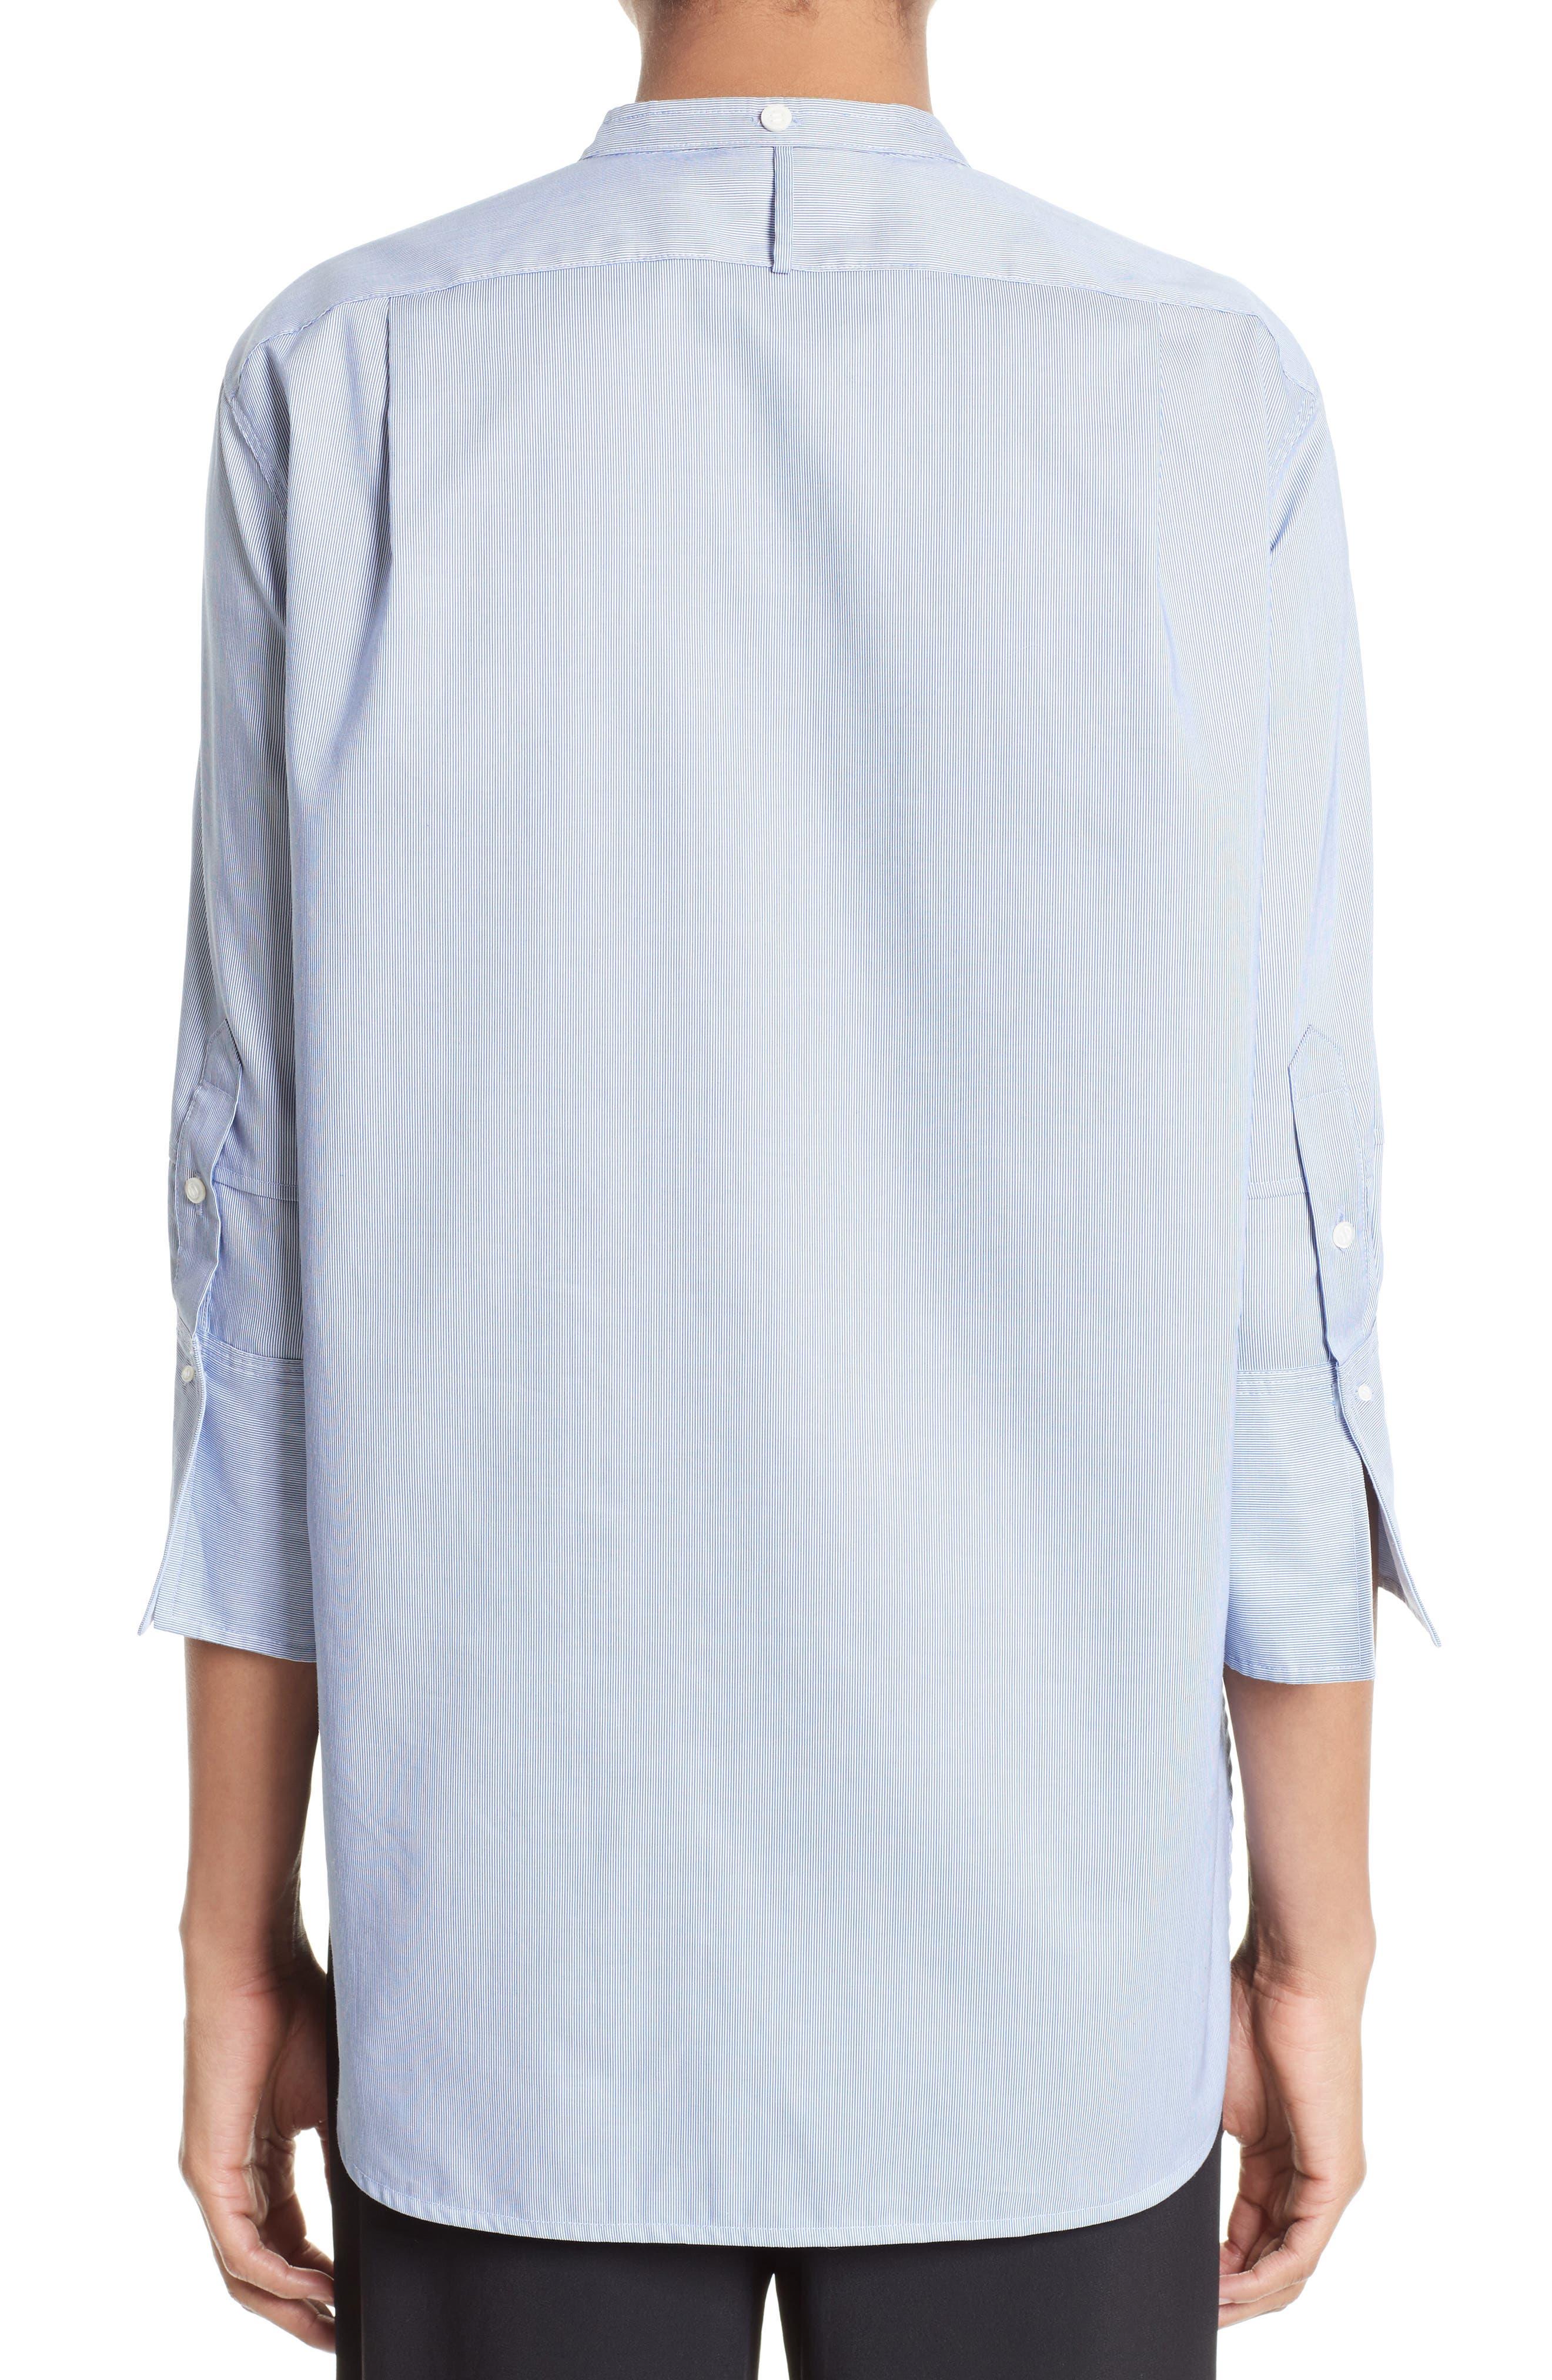 Alternate Image 2  - Helmut Lang Ottoman Tuxedo Shirt